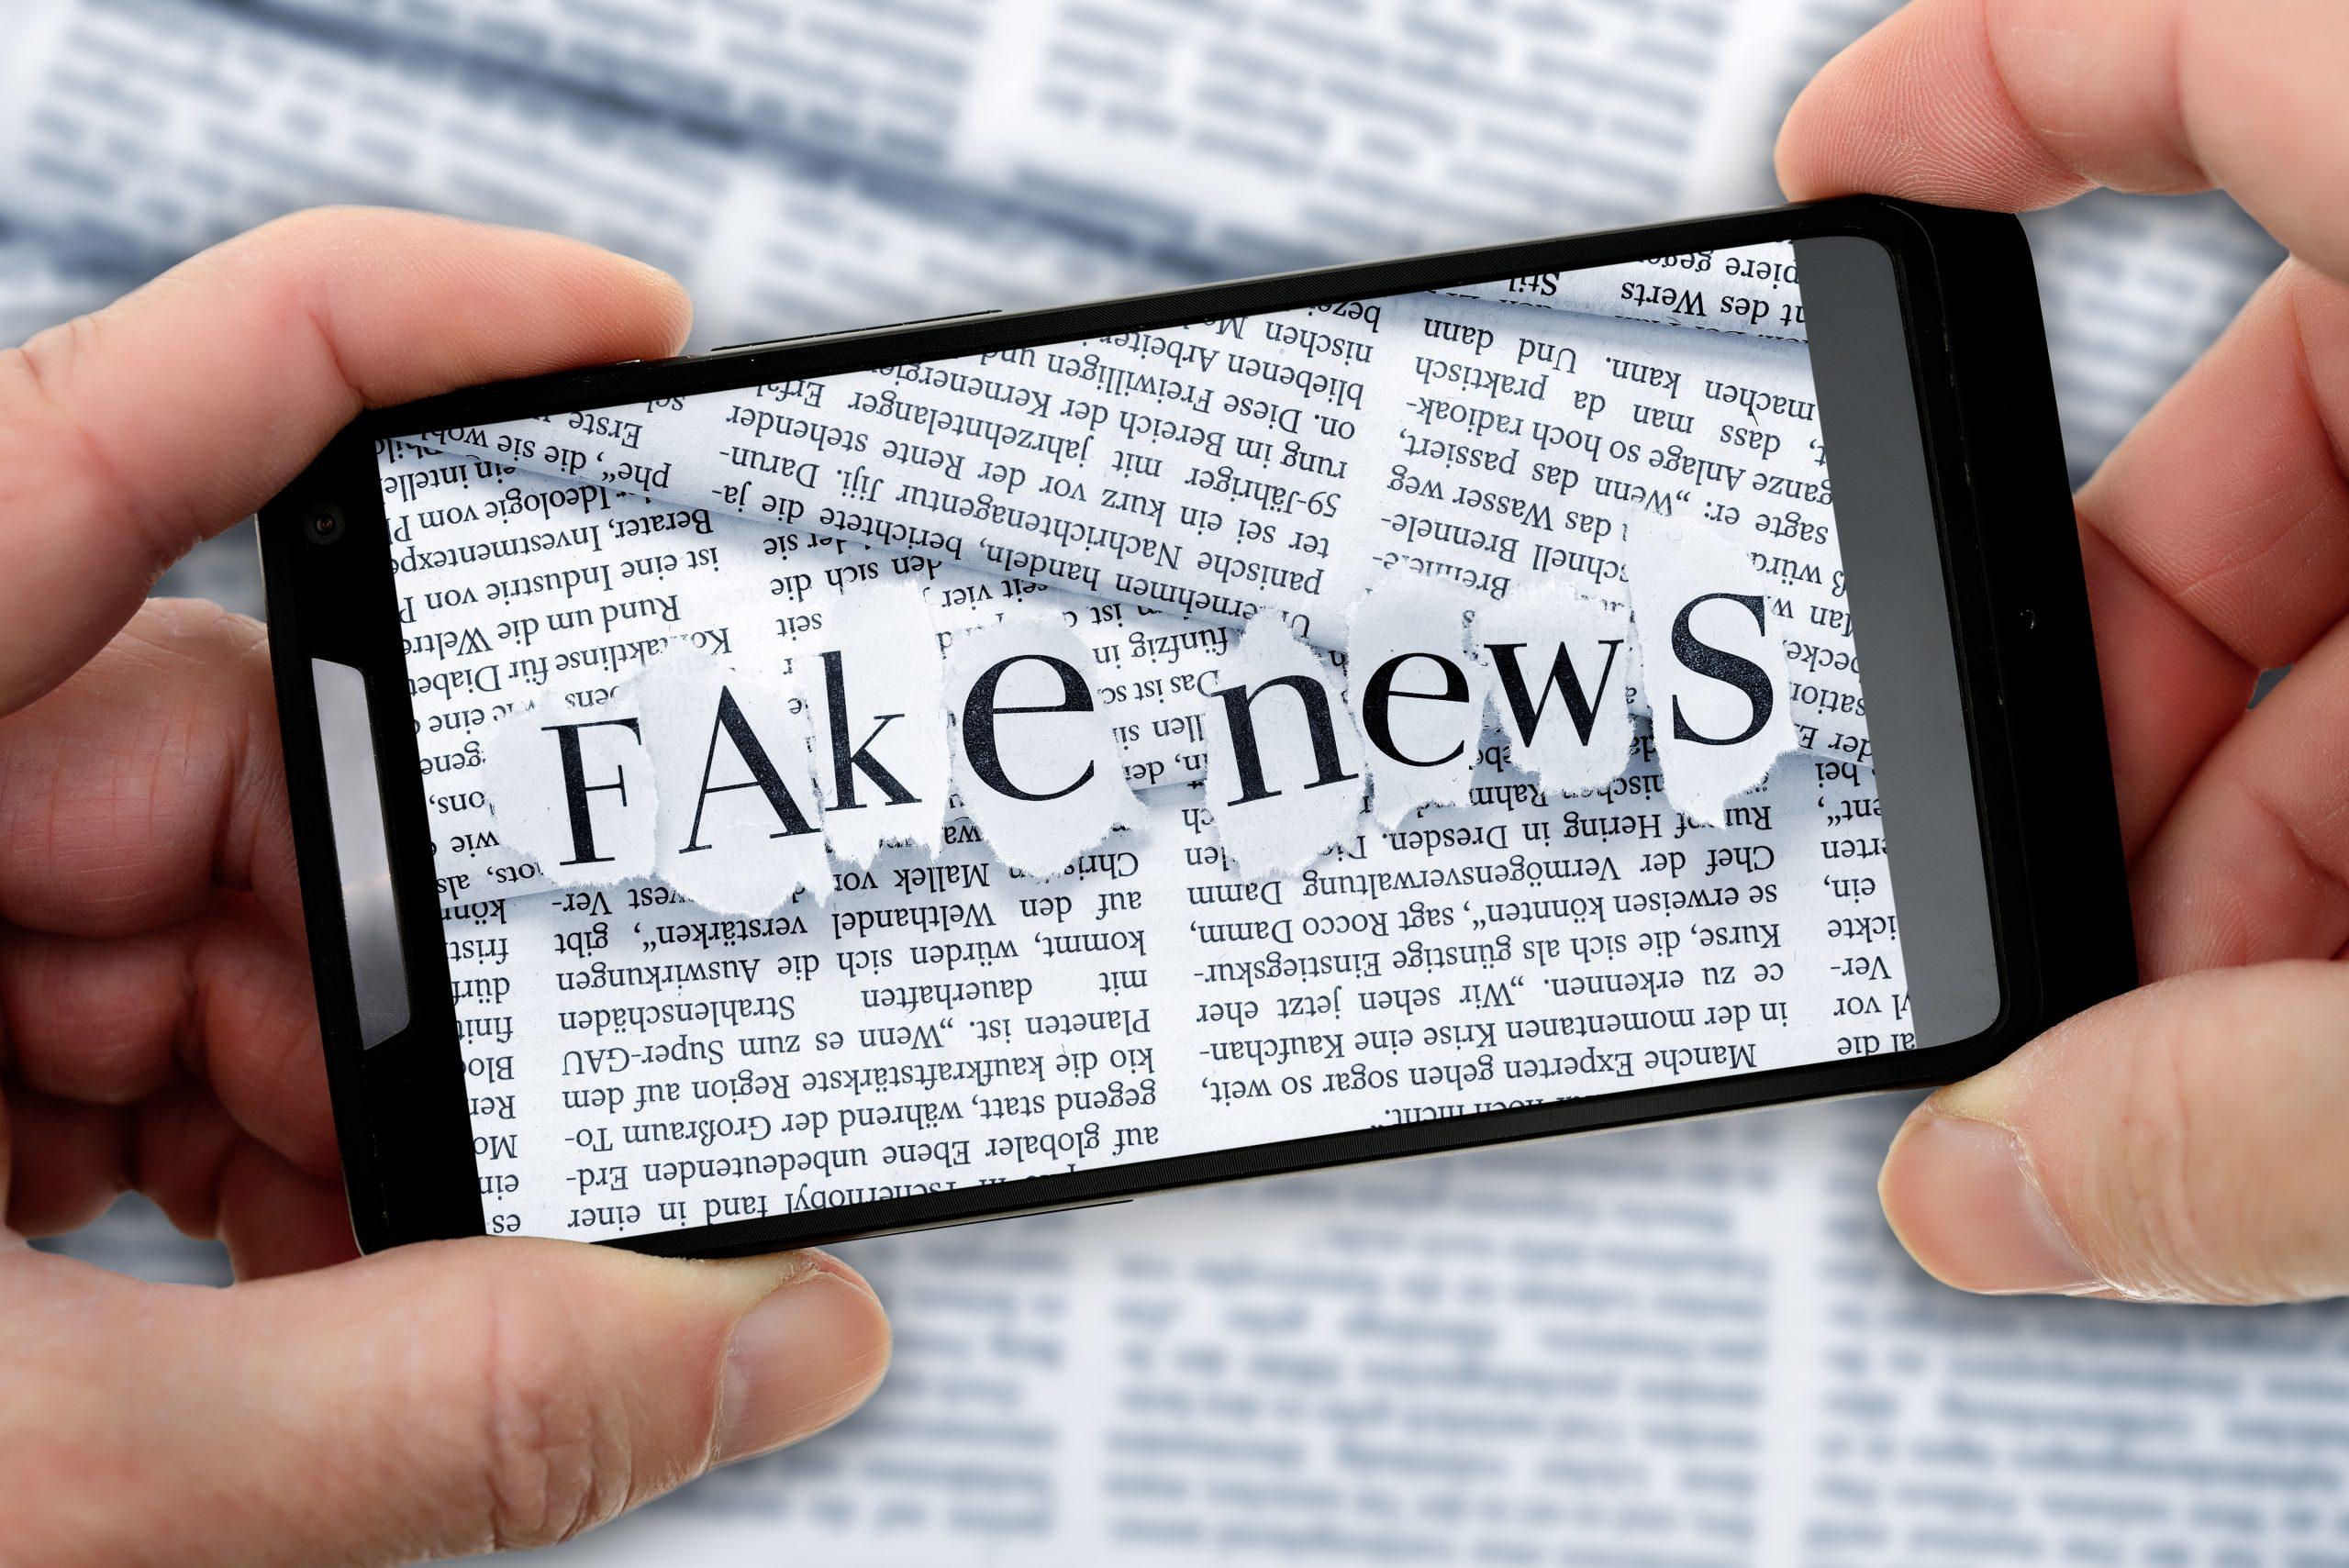 Fake News-Schriftzug auf einem Smartphone Foto: picture alliance / dpa